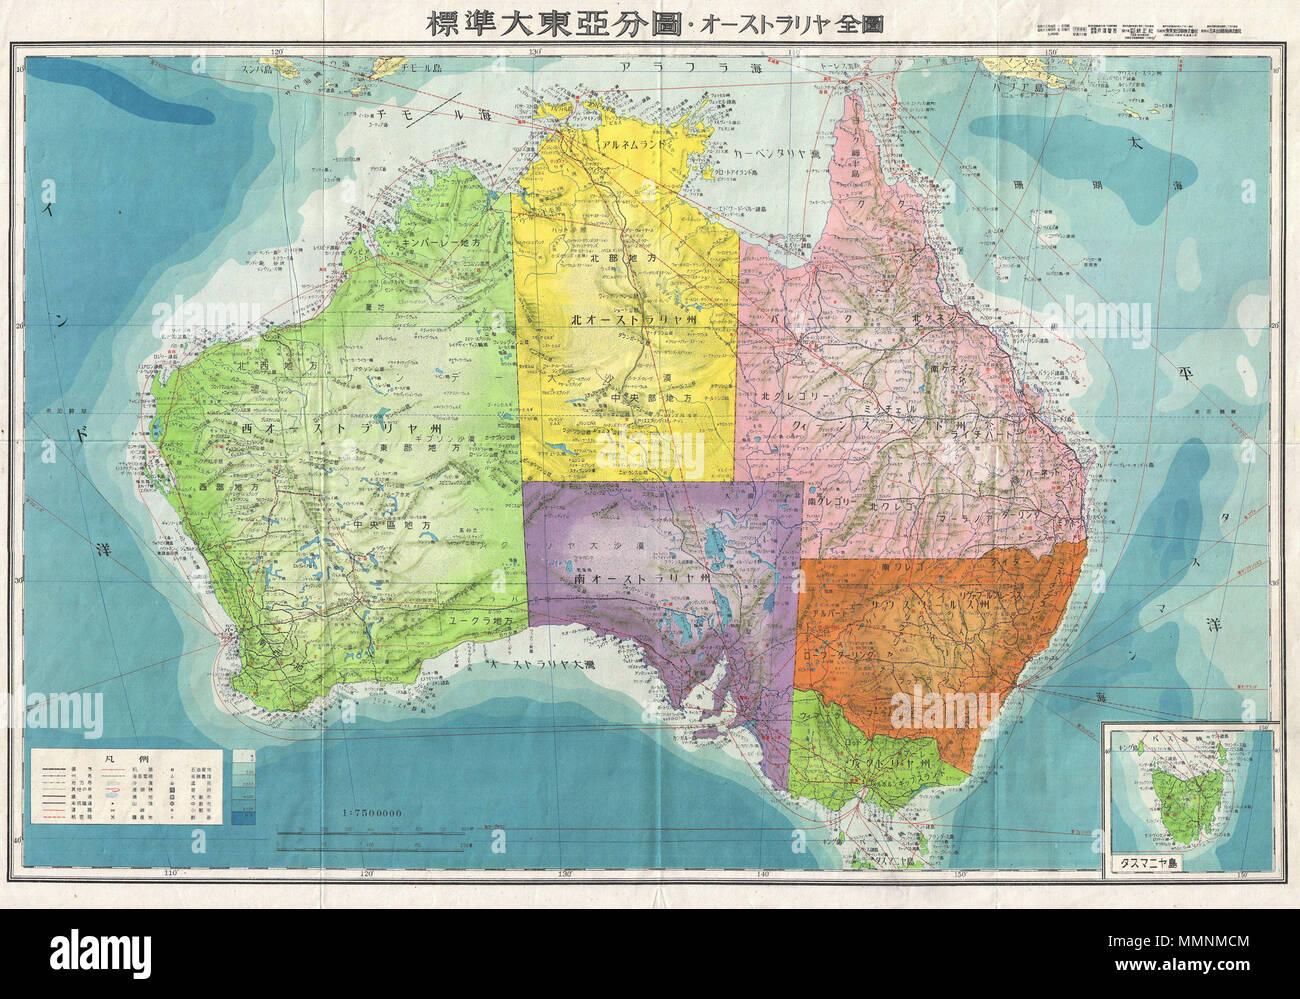 Karte Australien Englisch.Englisch Eine Atemberaubende Grossformatige Japanische Karte